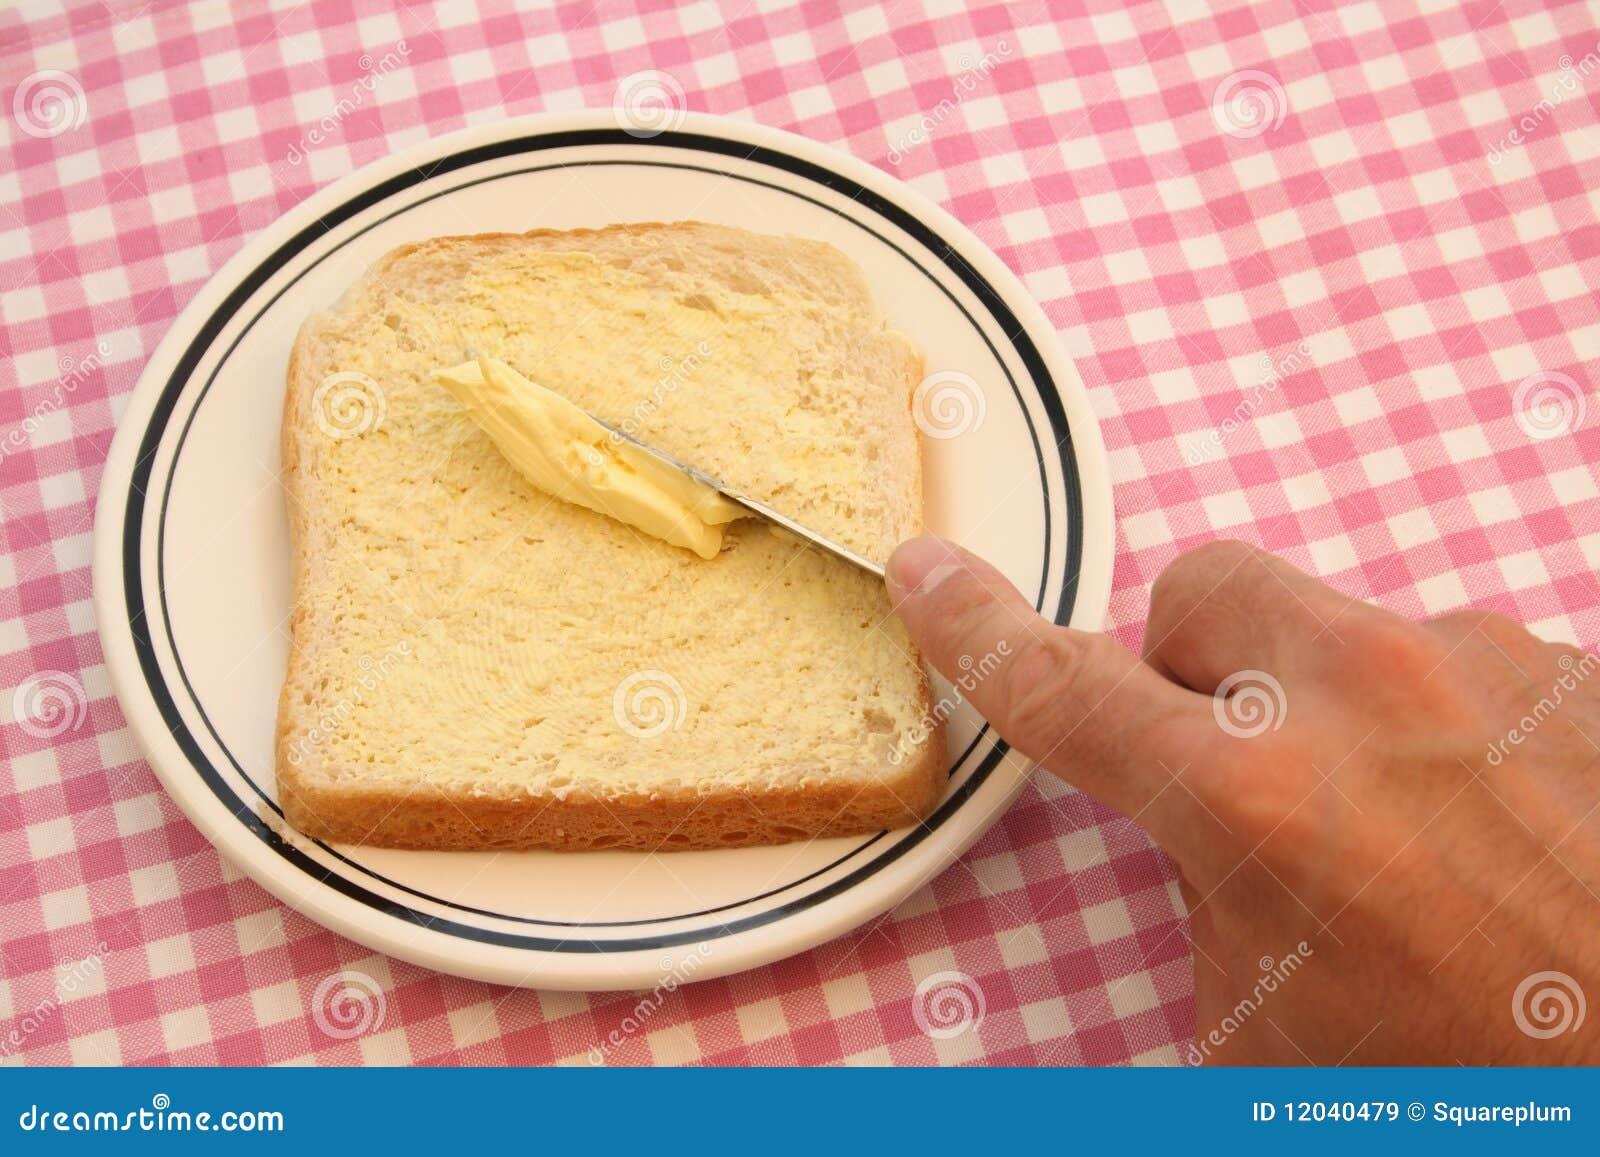 El untar con mantequilla imagen de archivo imagen de for Cuchillo para untar mantequilla